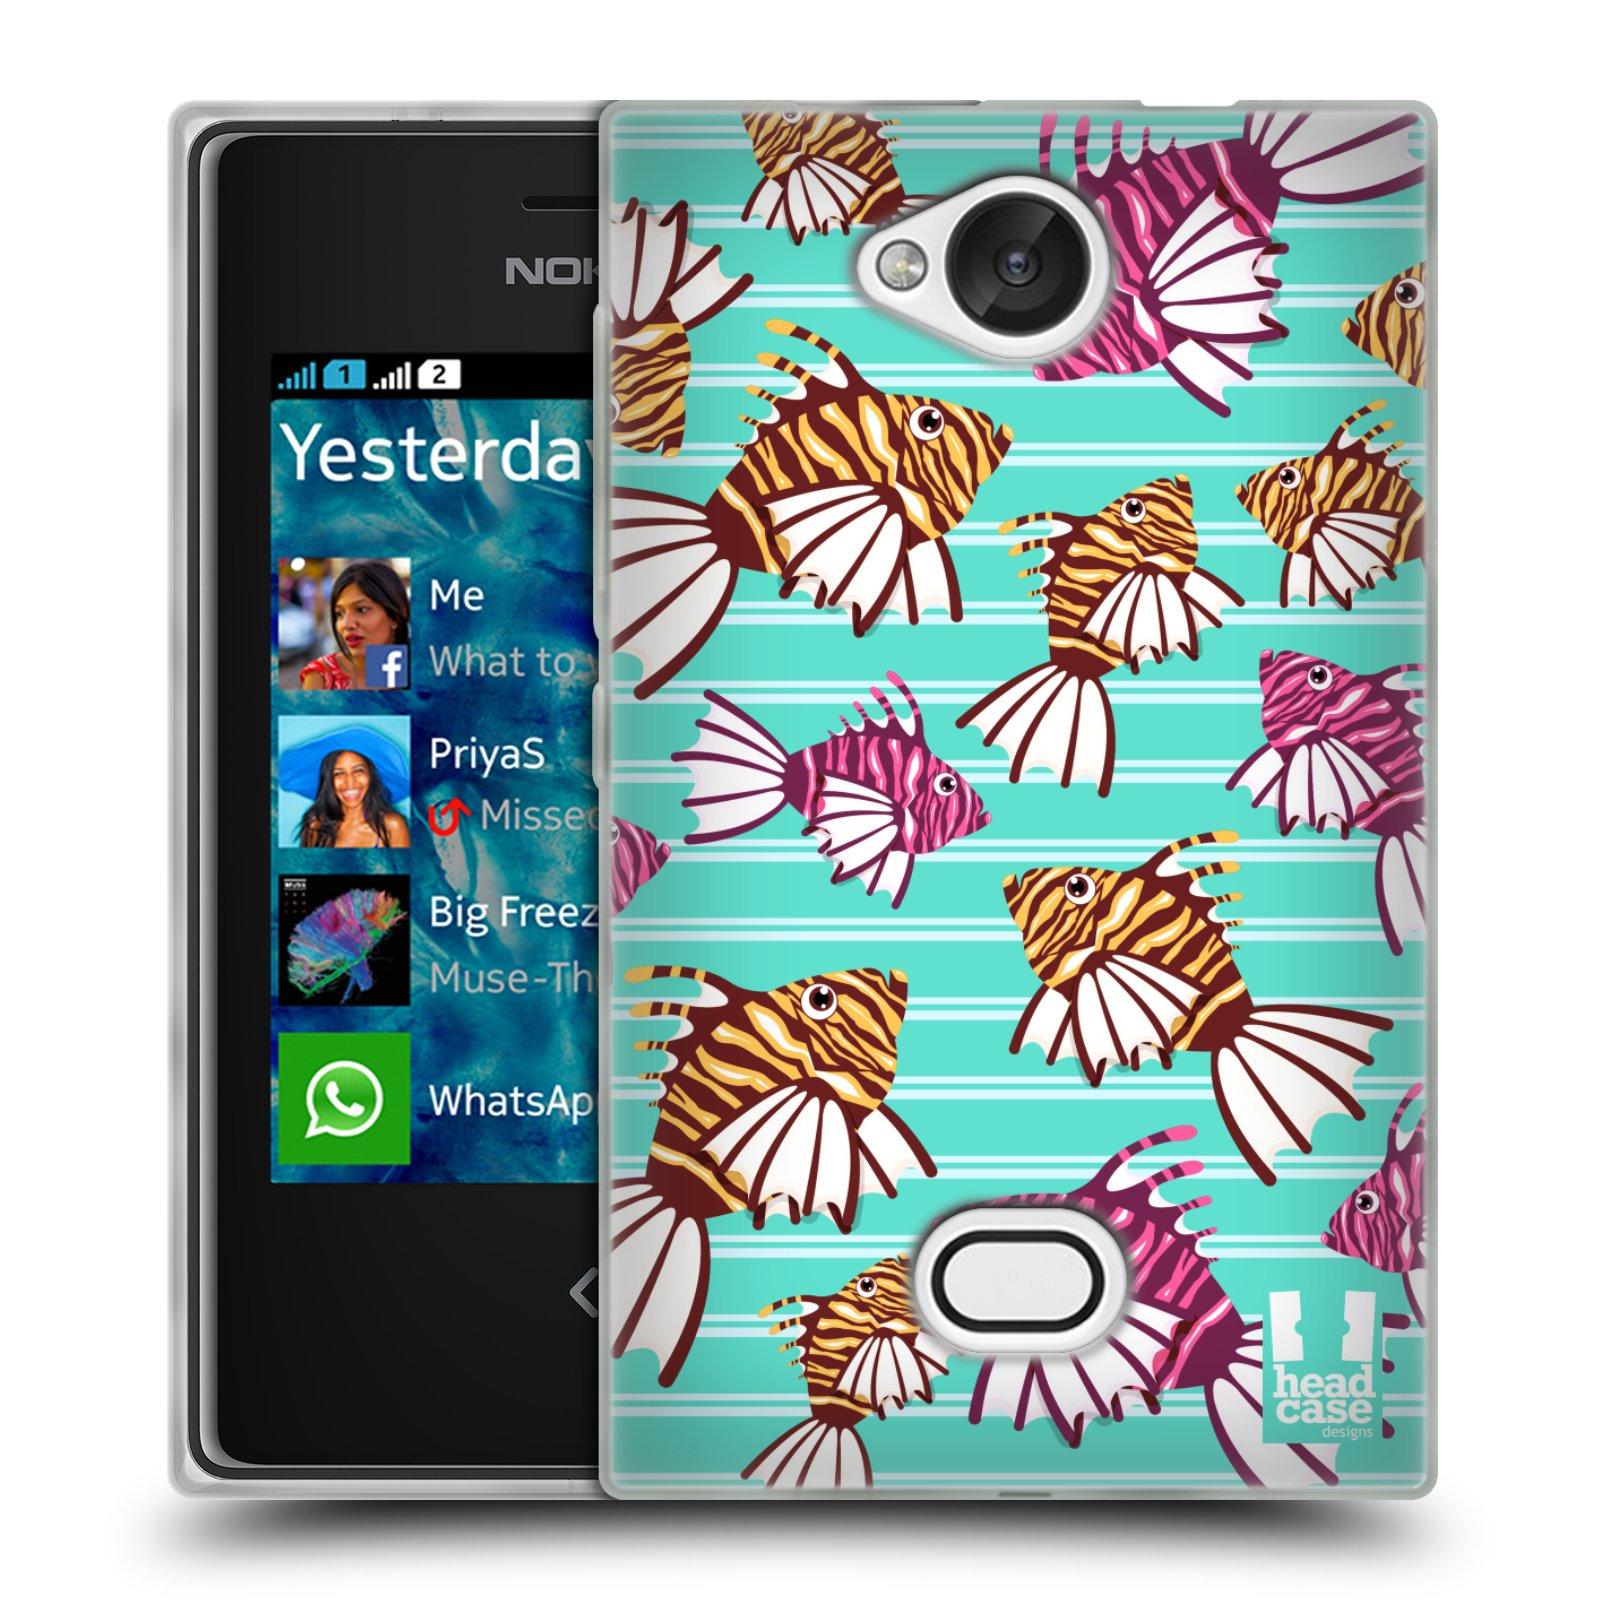 HEAD CASE silikonový obal na mobil NOKIA Asha 503 vzor mořský živočich ryba